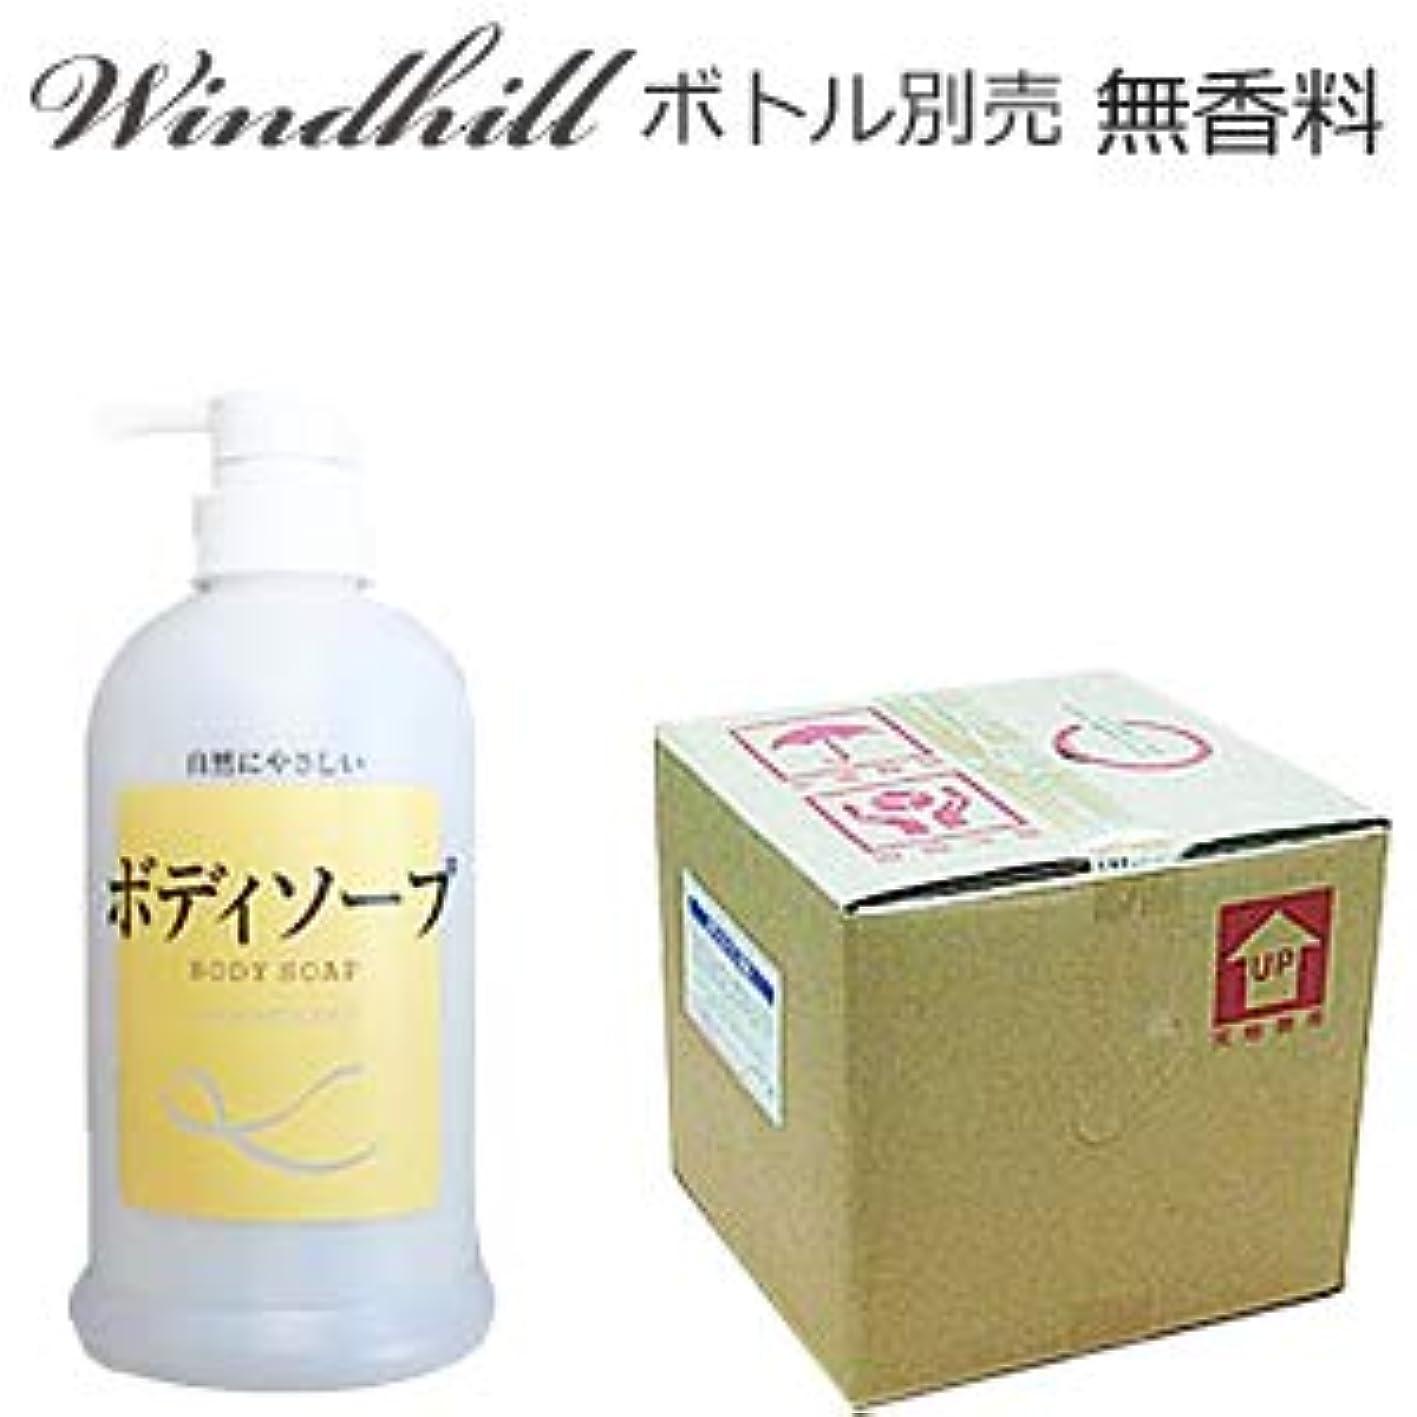 引き出すカラス引き受けるWindhill 植物性 業務用ボディソープ 無香料 20L(1セット20L入)